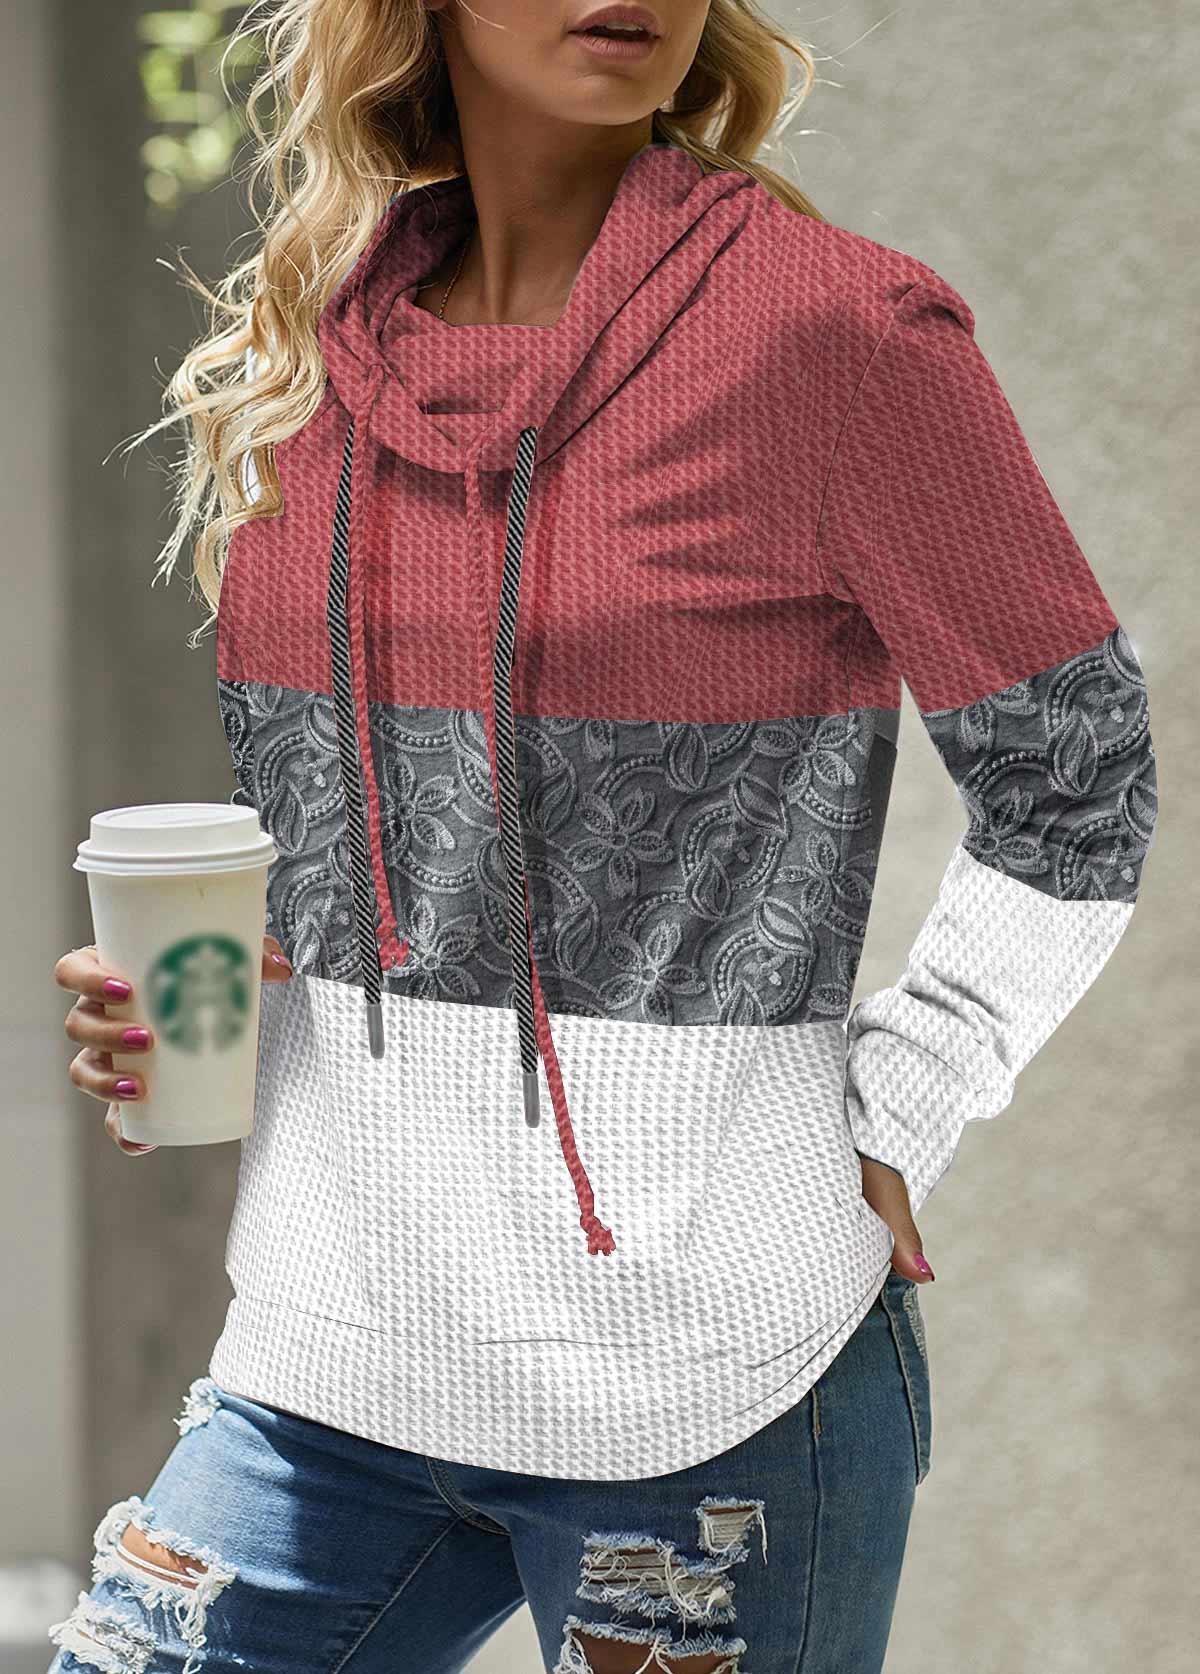 ROTITA Cowl Neck Waffle Knit Drawstring Lace Stitching Sweatshirt